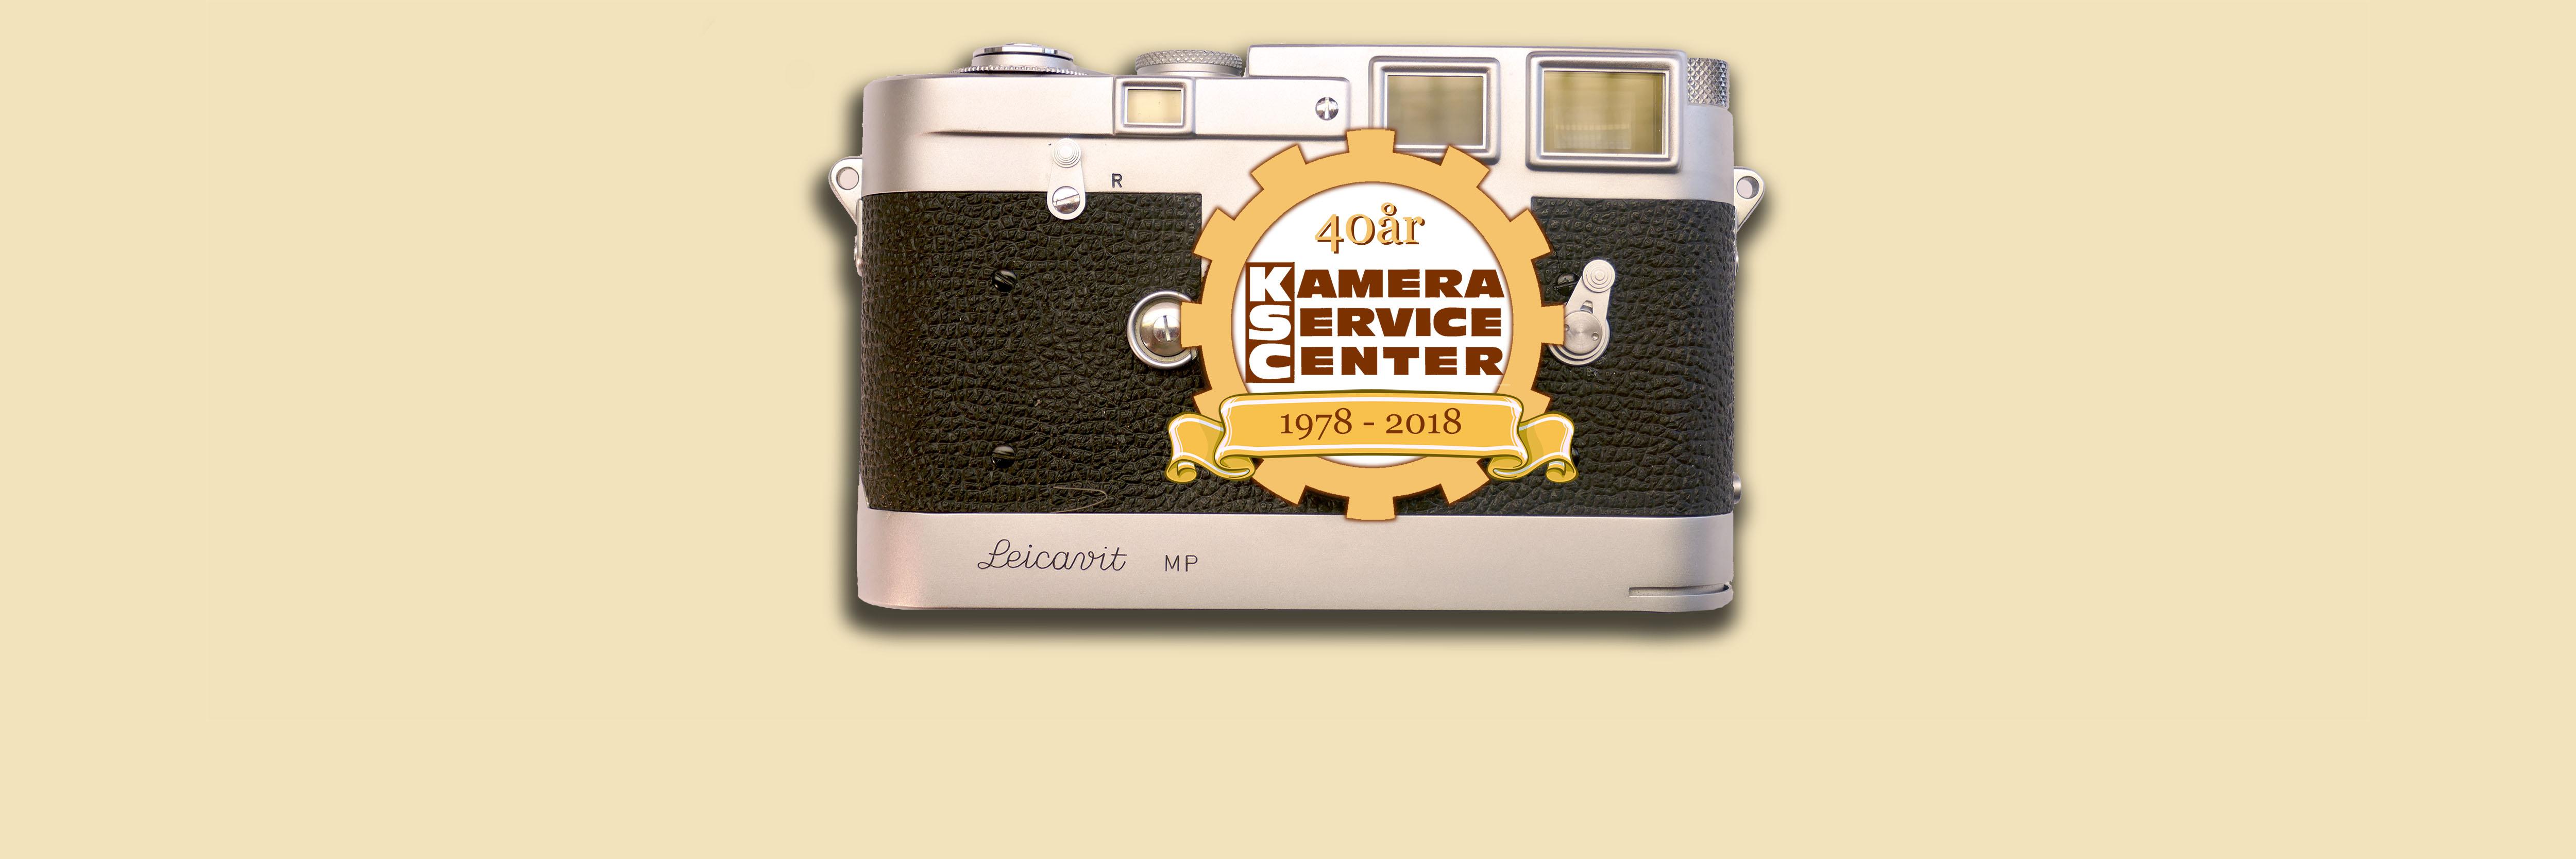 2018 fyllde Kamera Service Center 40 år!